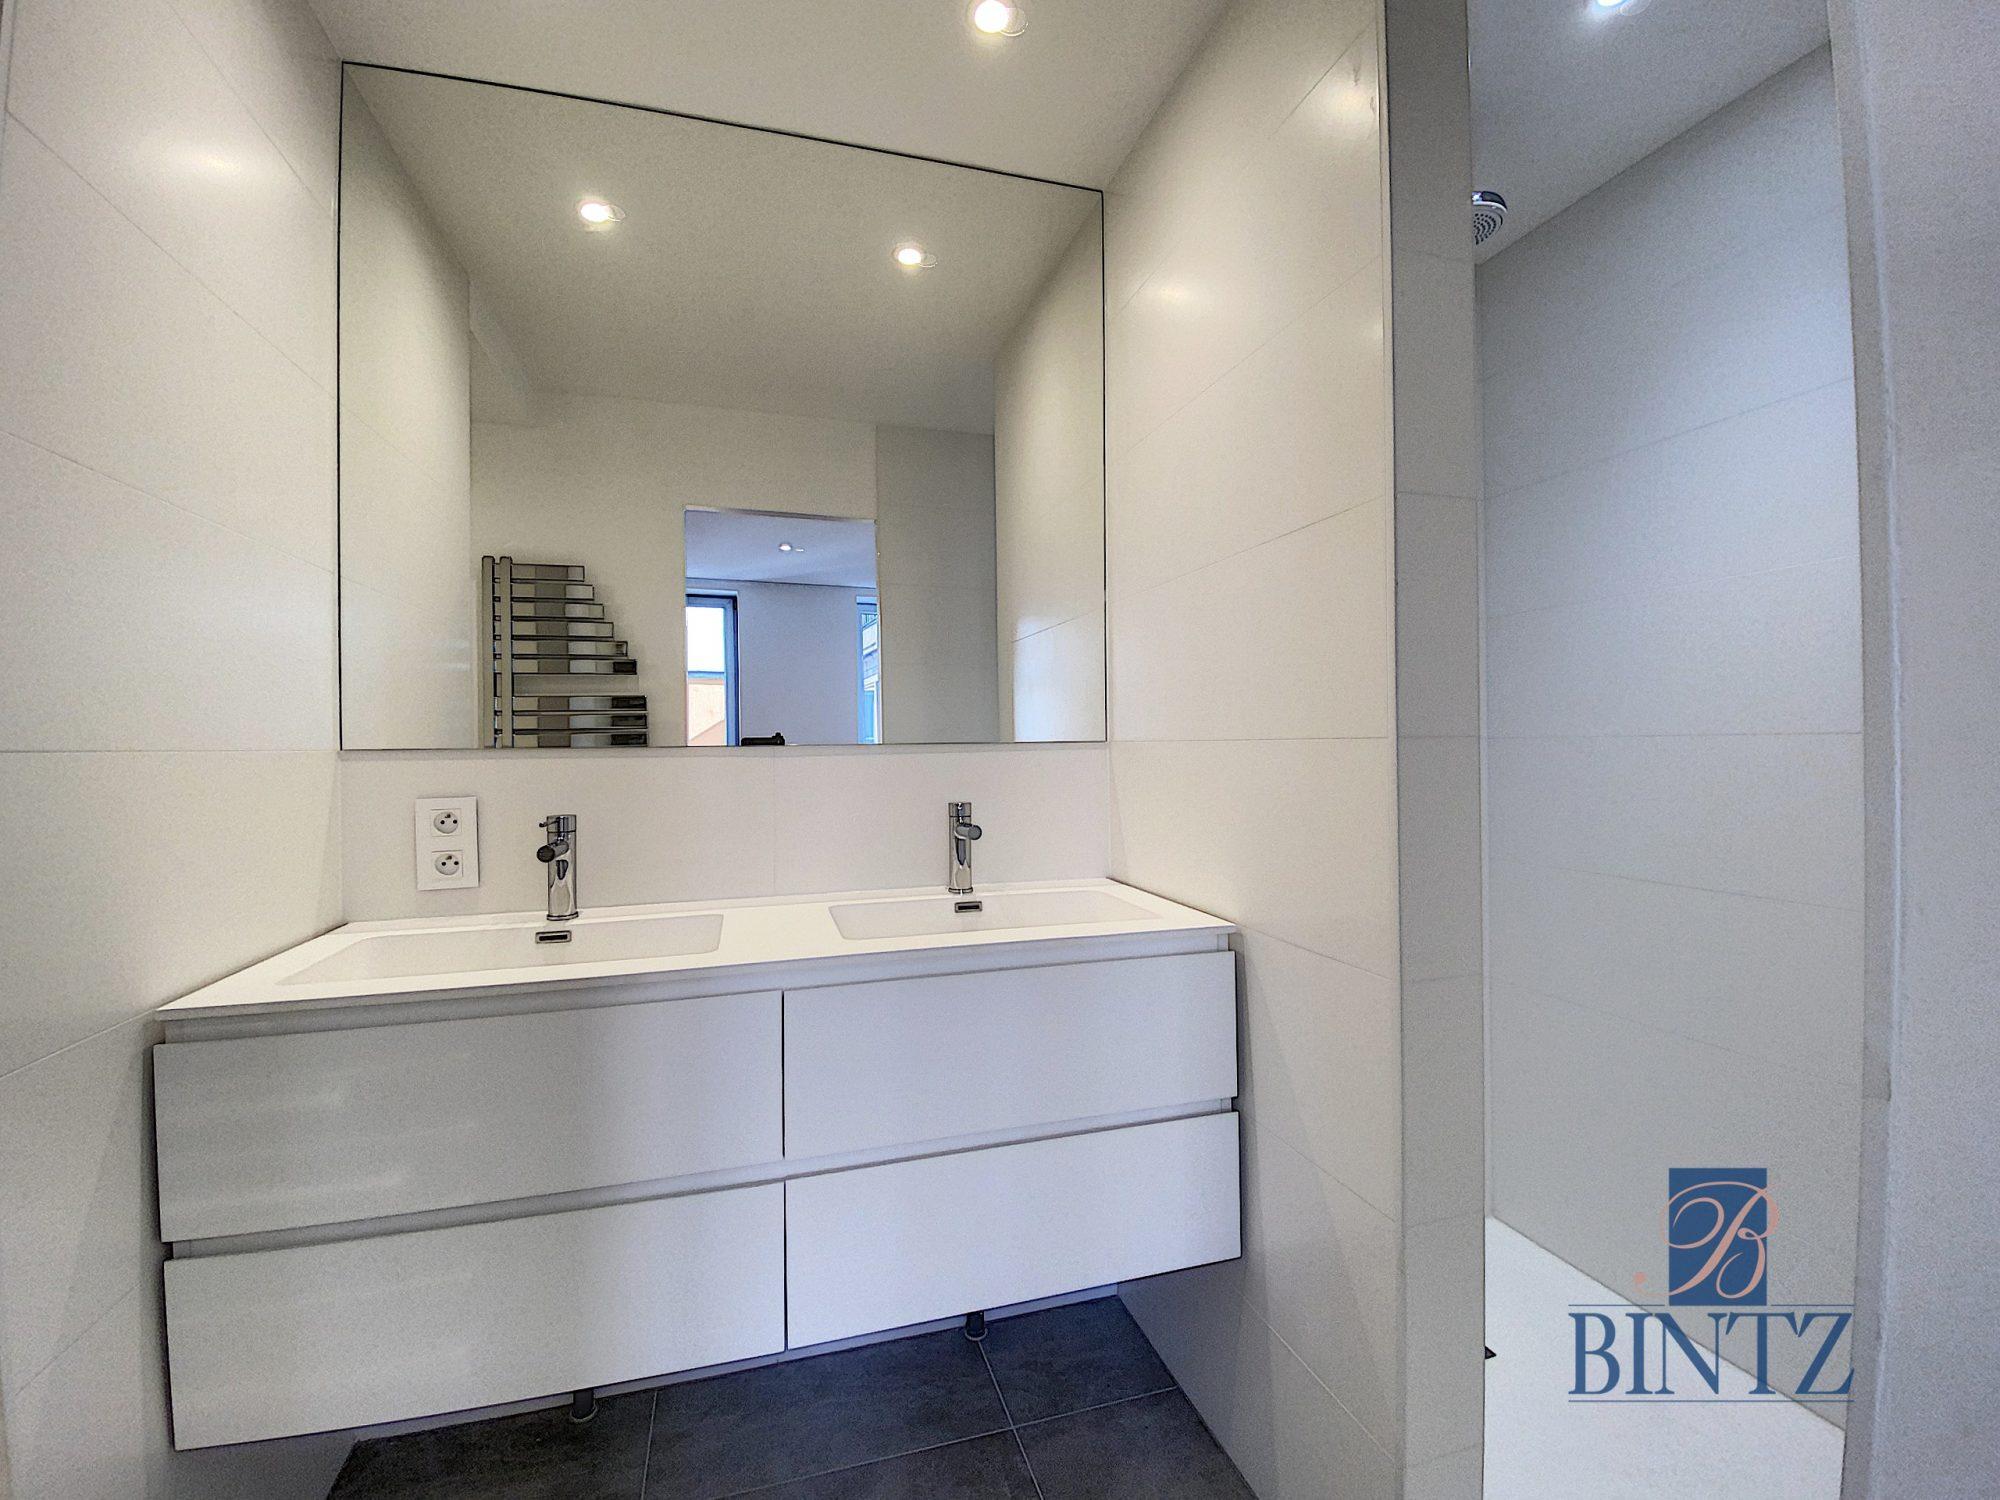 5 pièces d'exception face à la mairie - Devenez locataire en toute sérénité - Bintz Immobilier - 11